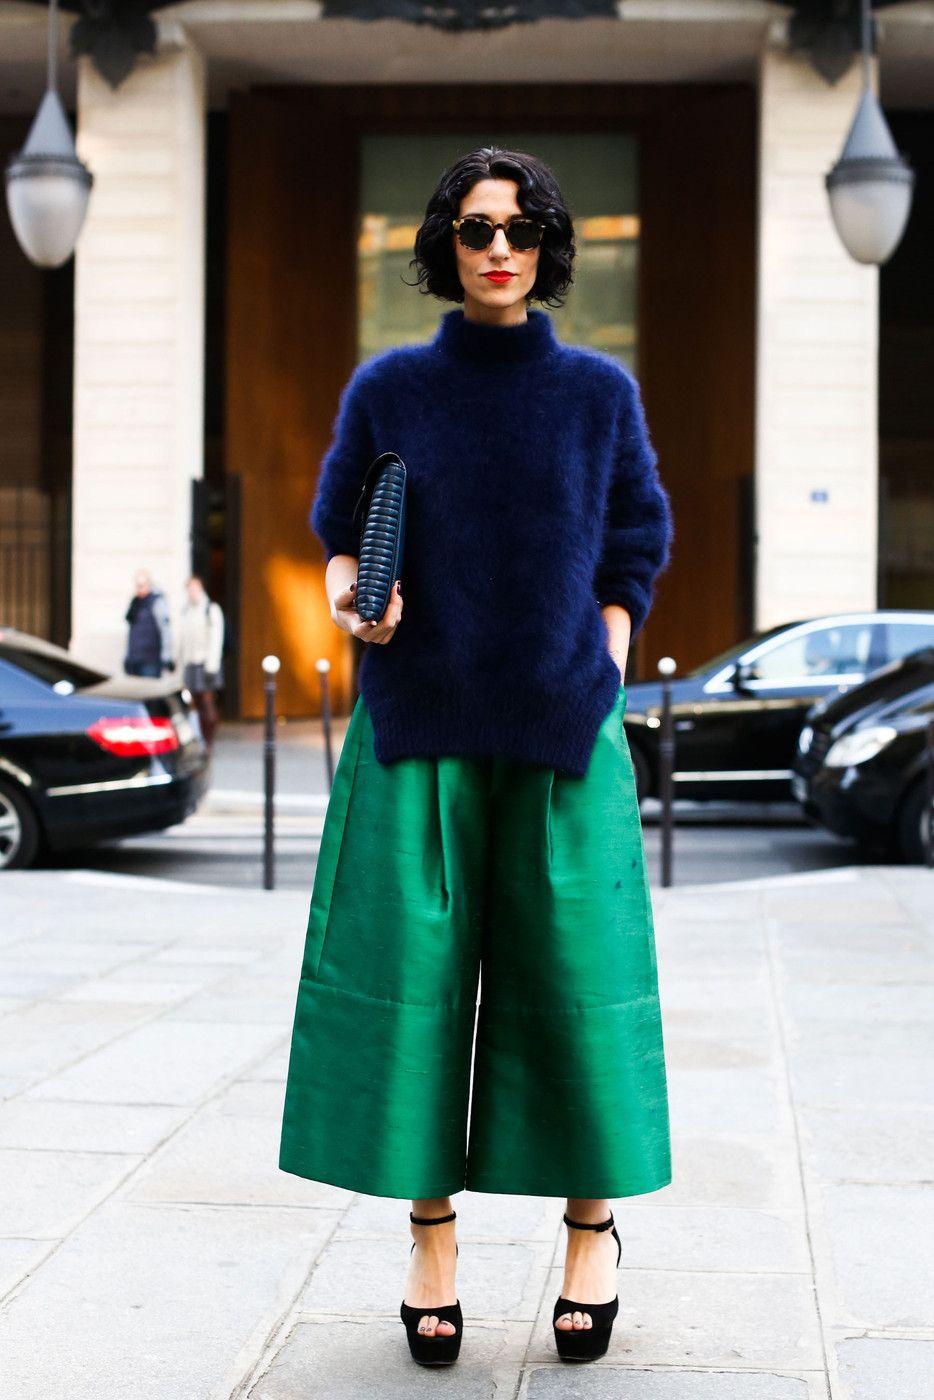 cách phối màu trang phục xanh navy và xanh lục